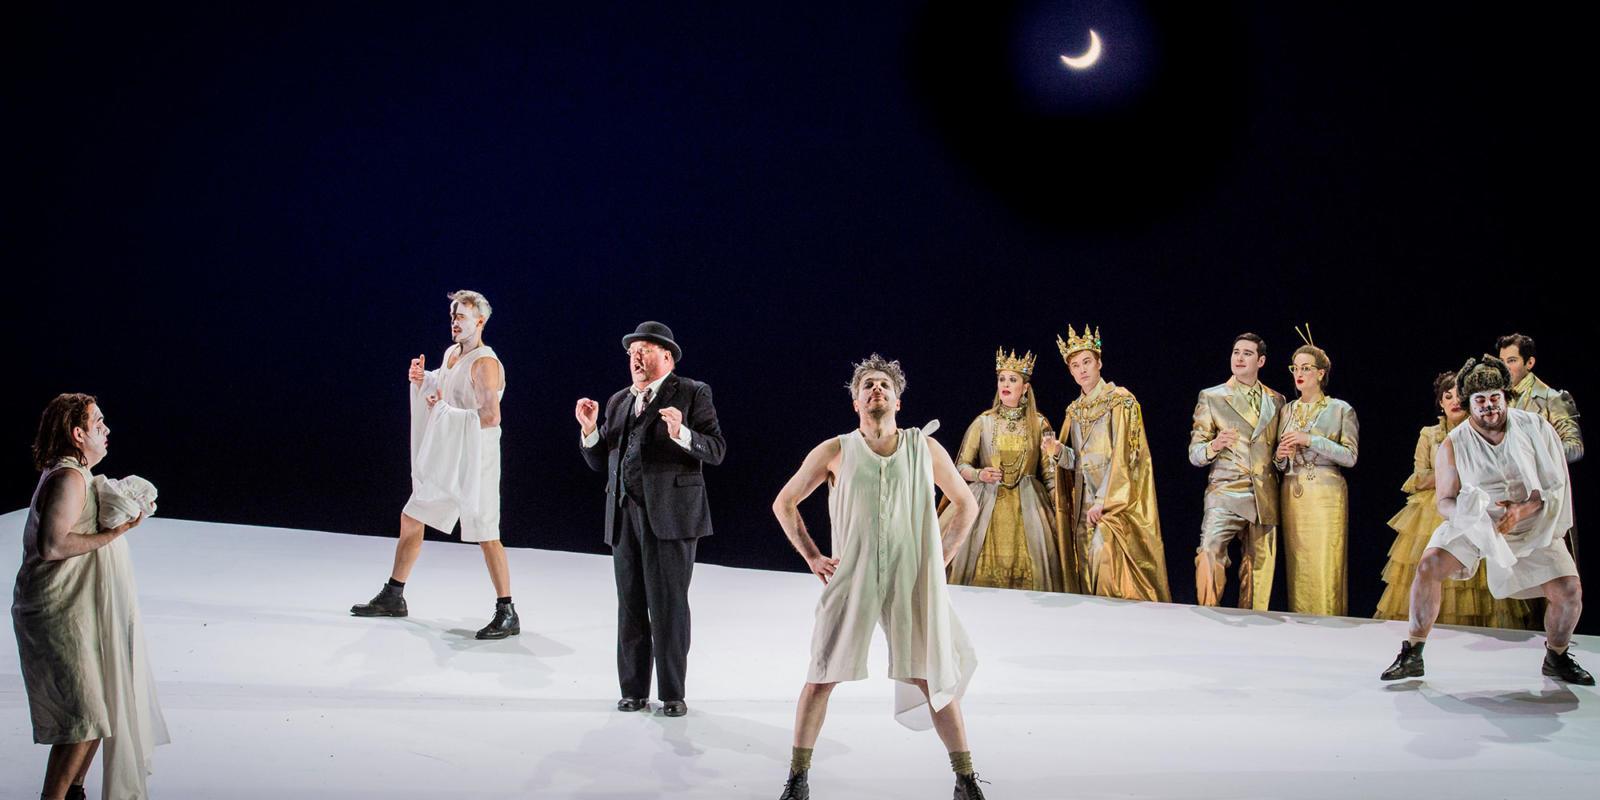 ENO A Midsummer Night's Dream Cast (c) Robert Workman